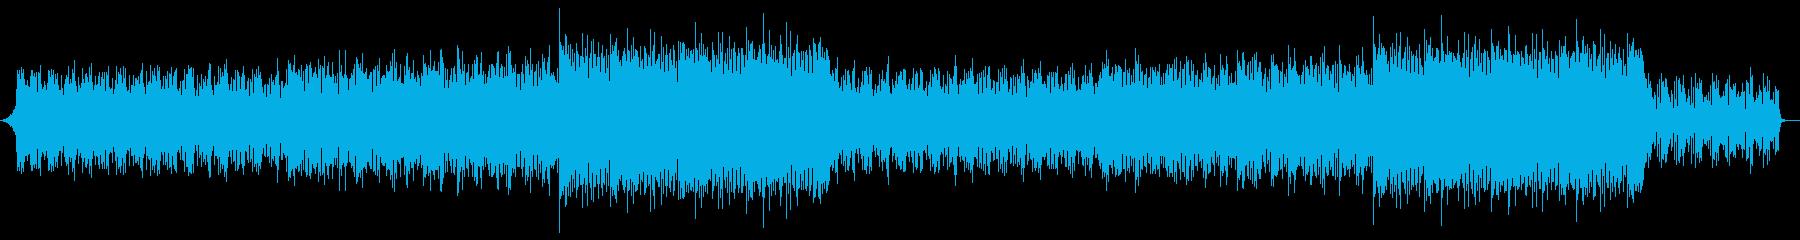 軽快で雄大なエンディングの再生済みの波形